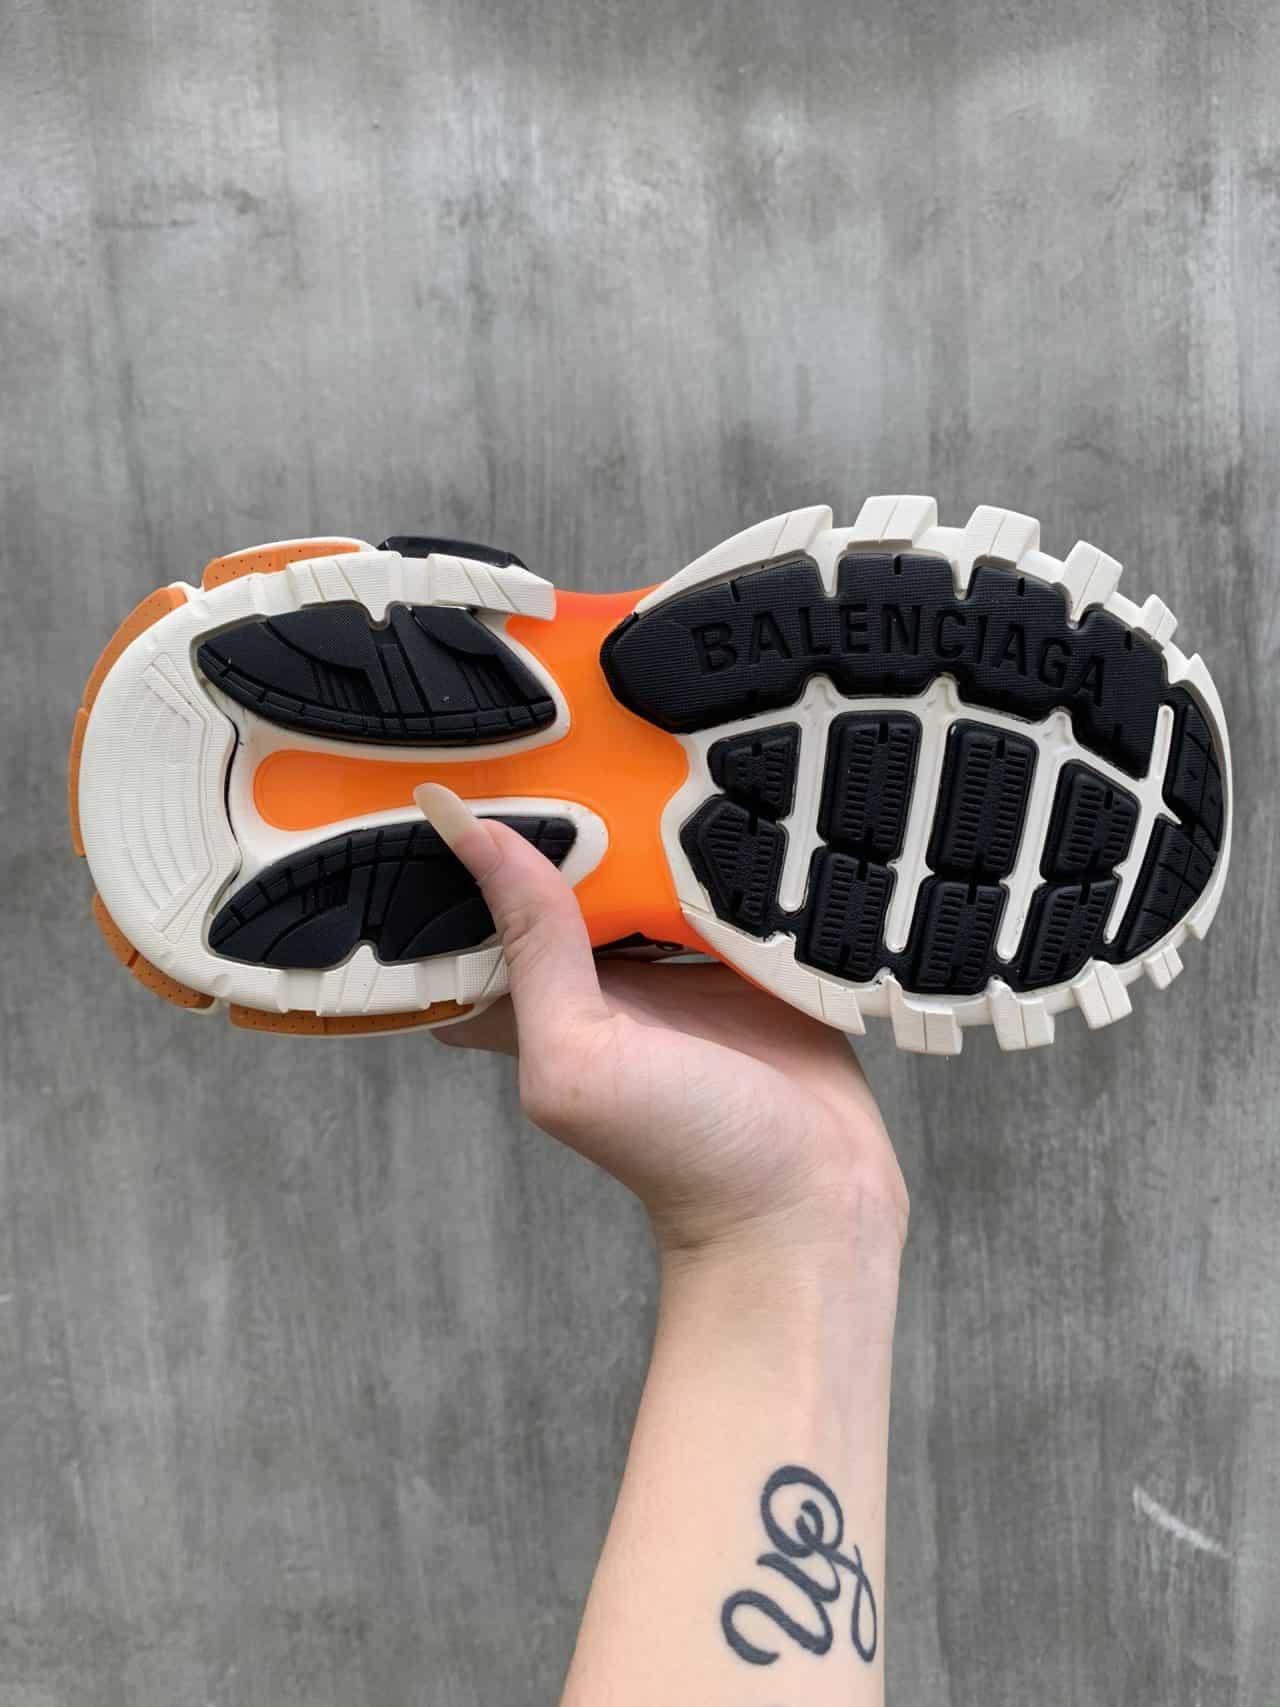 Giày Bata Balenciaga Track Cam Trắng mang lại thời trang năng động, cá tính và khác biệt